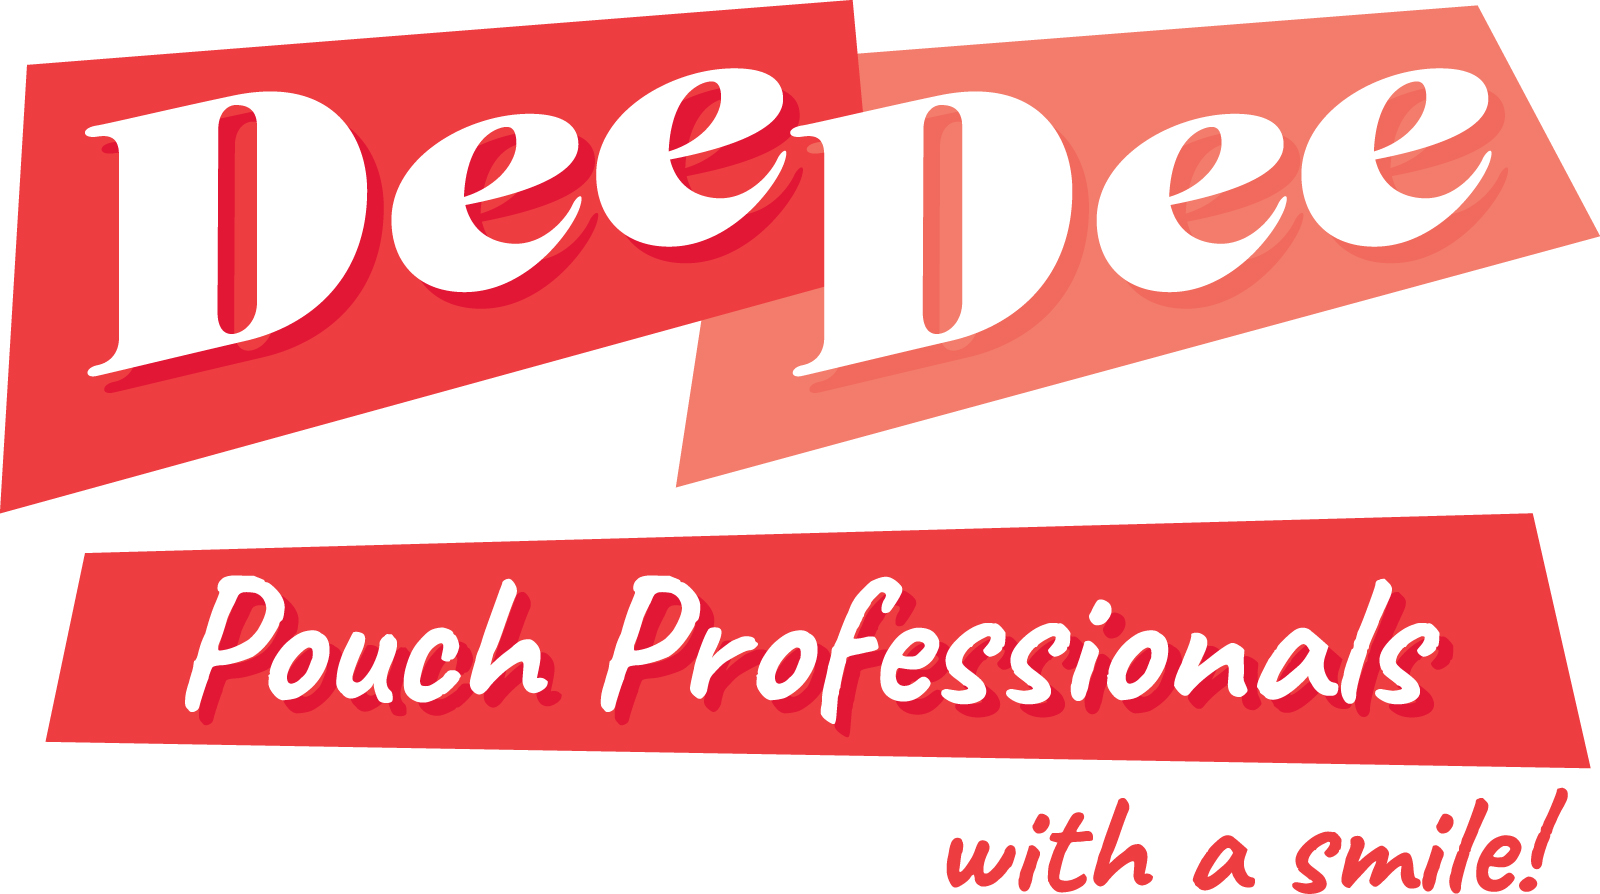 DeeDee Pouch Professionals